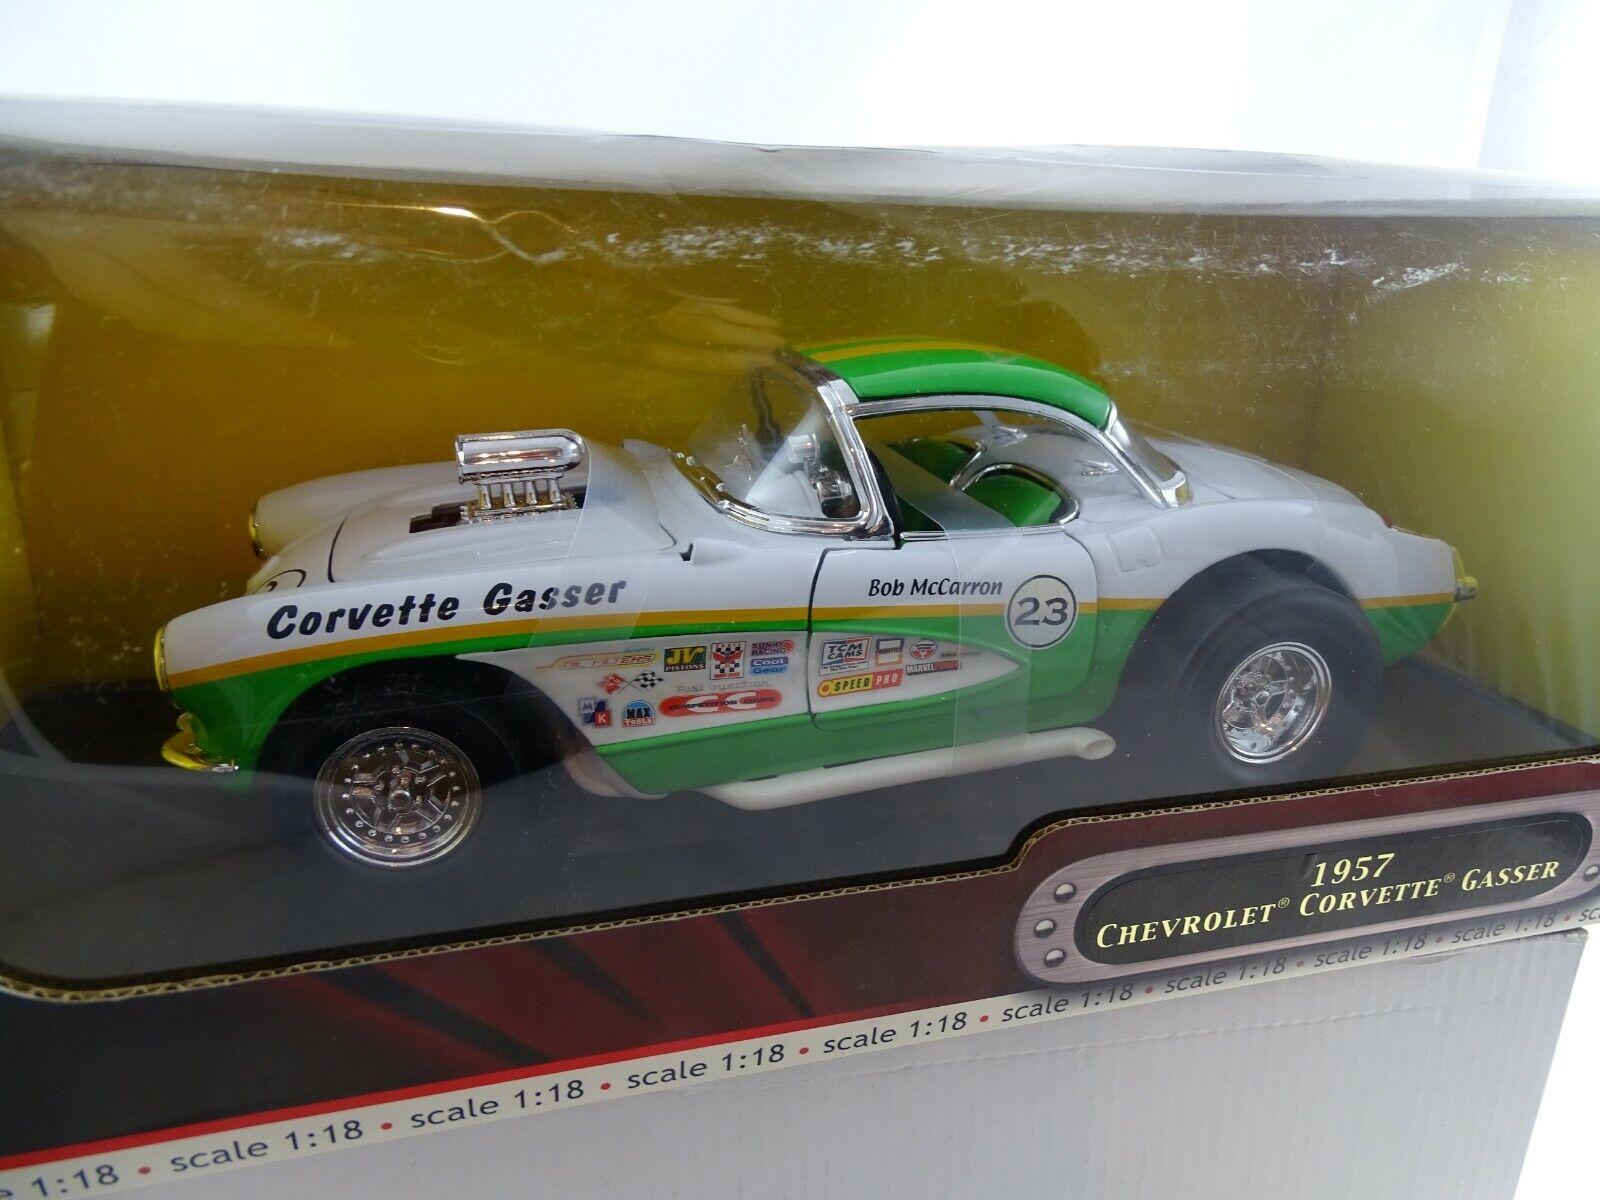 gran descuento 1 18 Road Signature  92019 1957 Chevrolet Corvette Corvette Corvette gasser  23 - rareza §  bajo precio del 40%